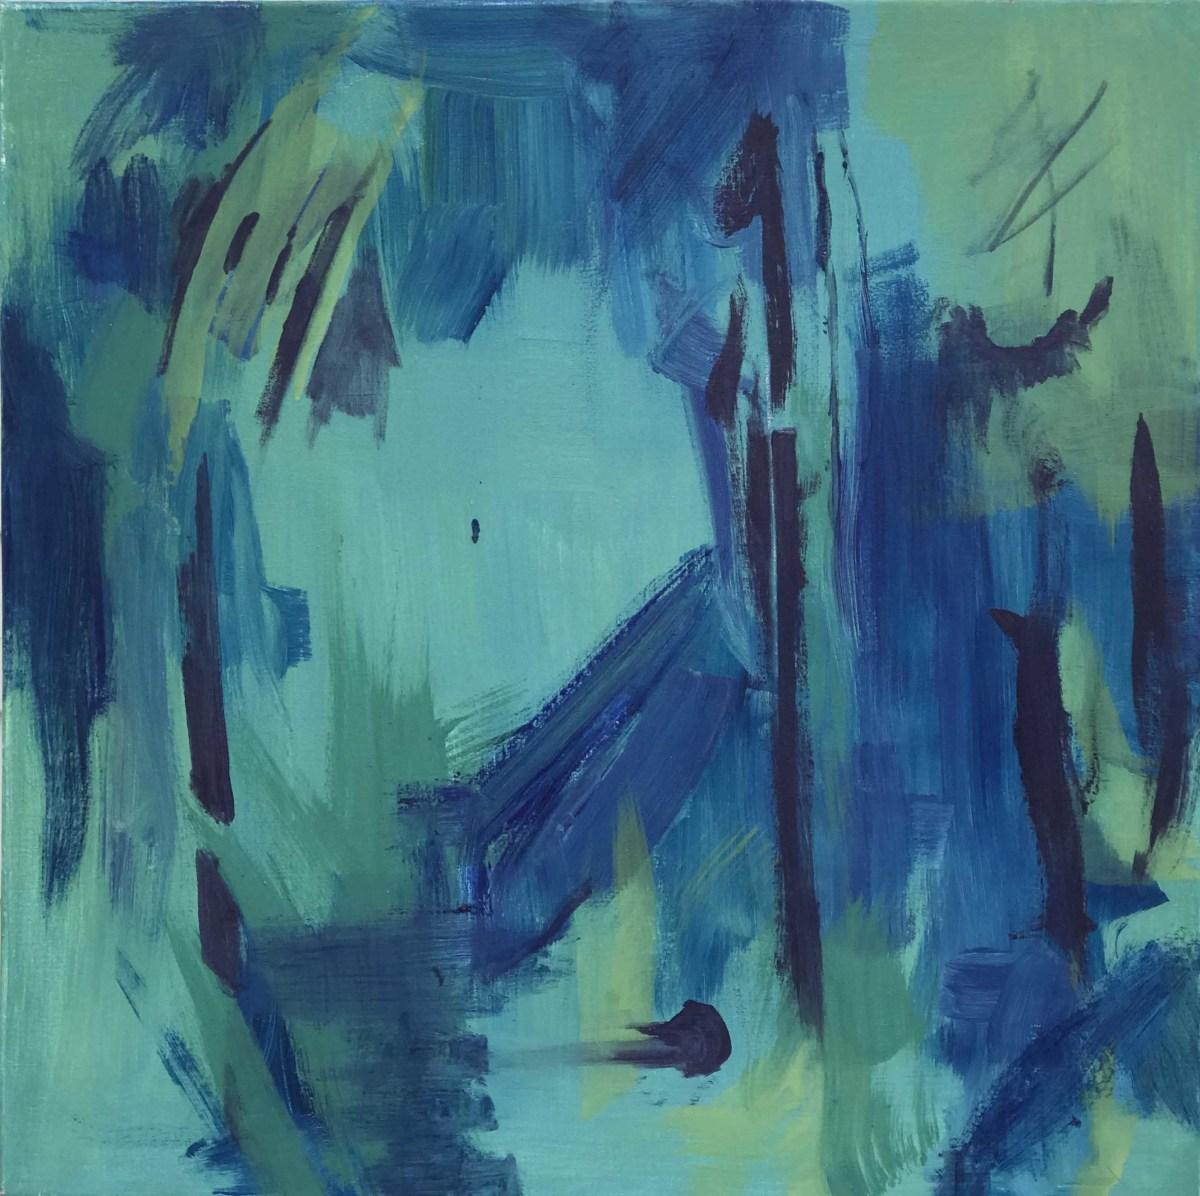 Erogenous Zone by Deborah Mitchell